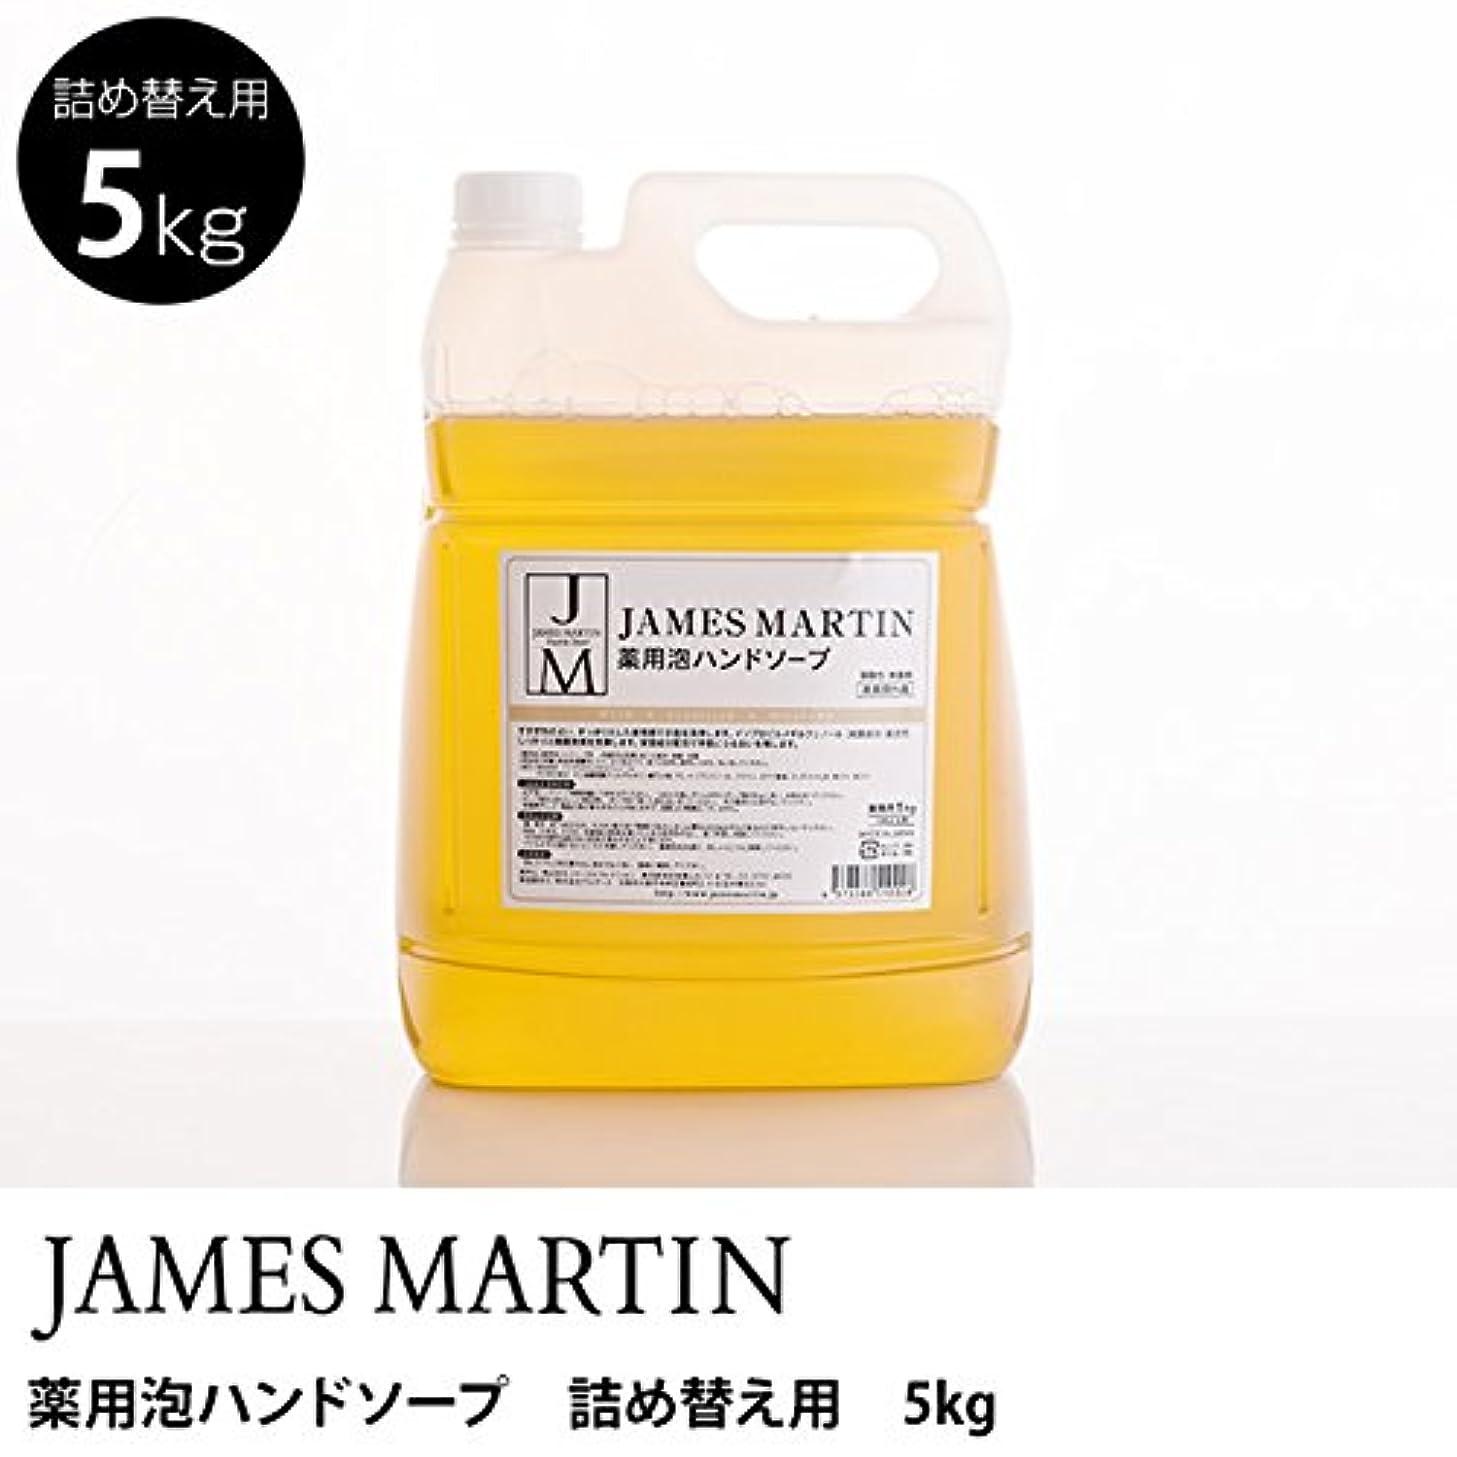 極貧にもかかわらずベルジェームズマーティン 薬用泡ハンドソープ(無香料) 詰替用 5kg